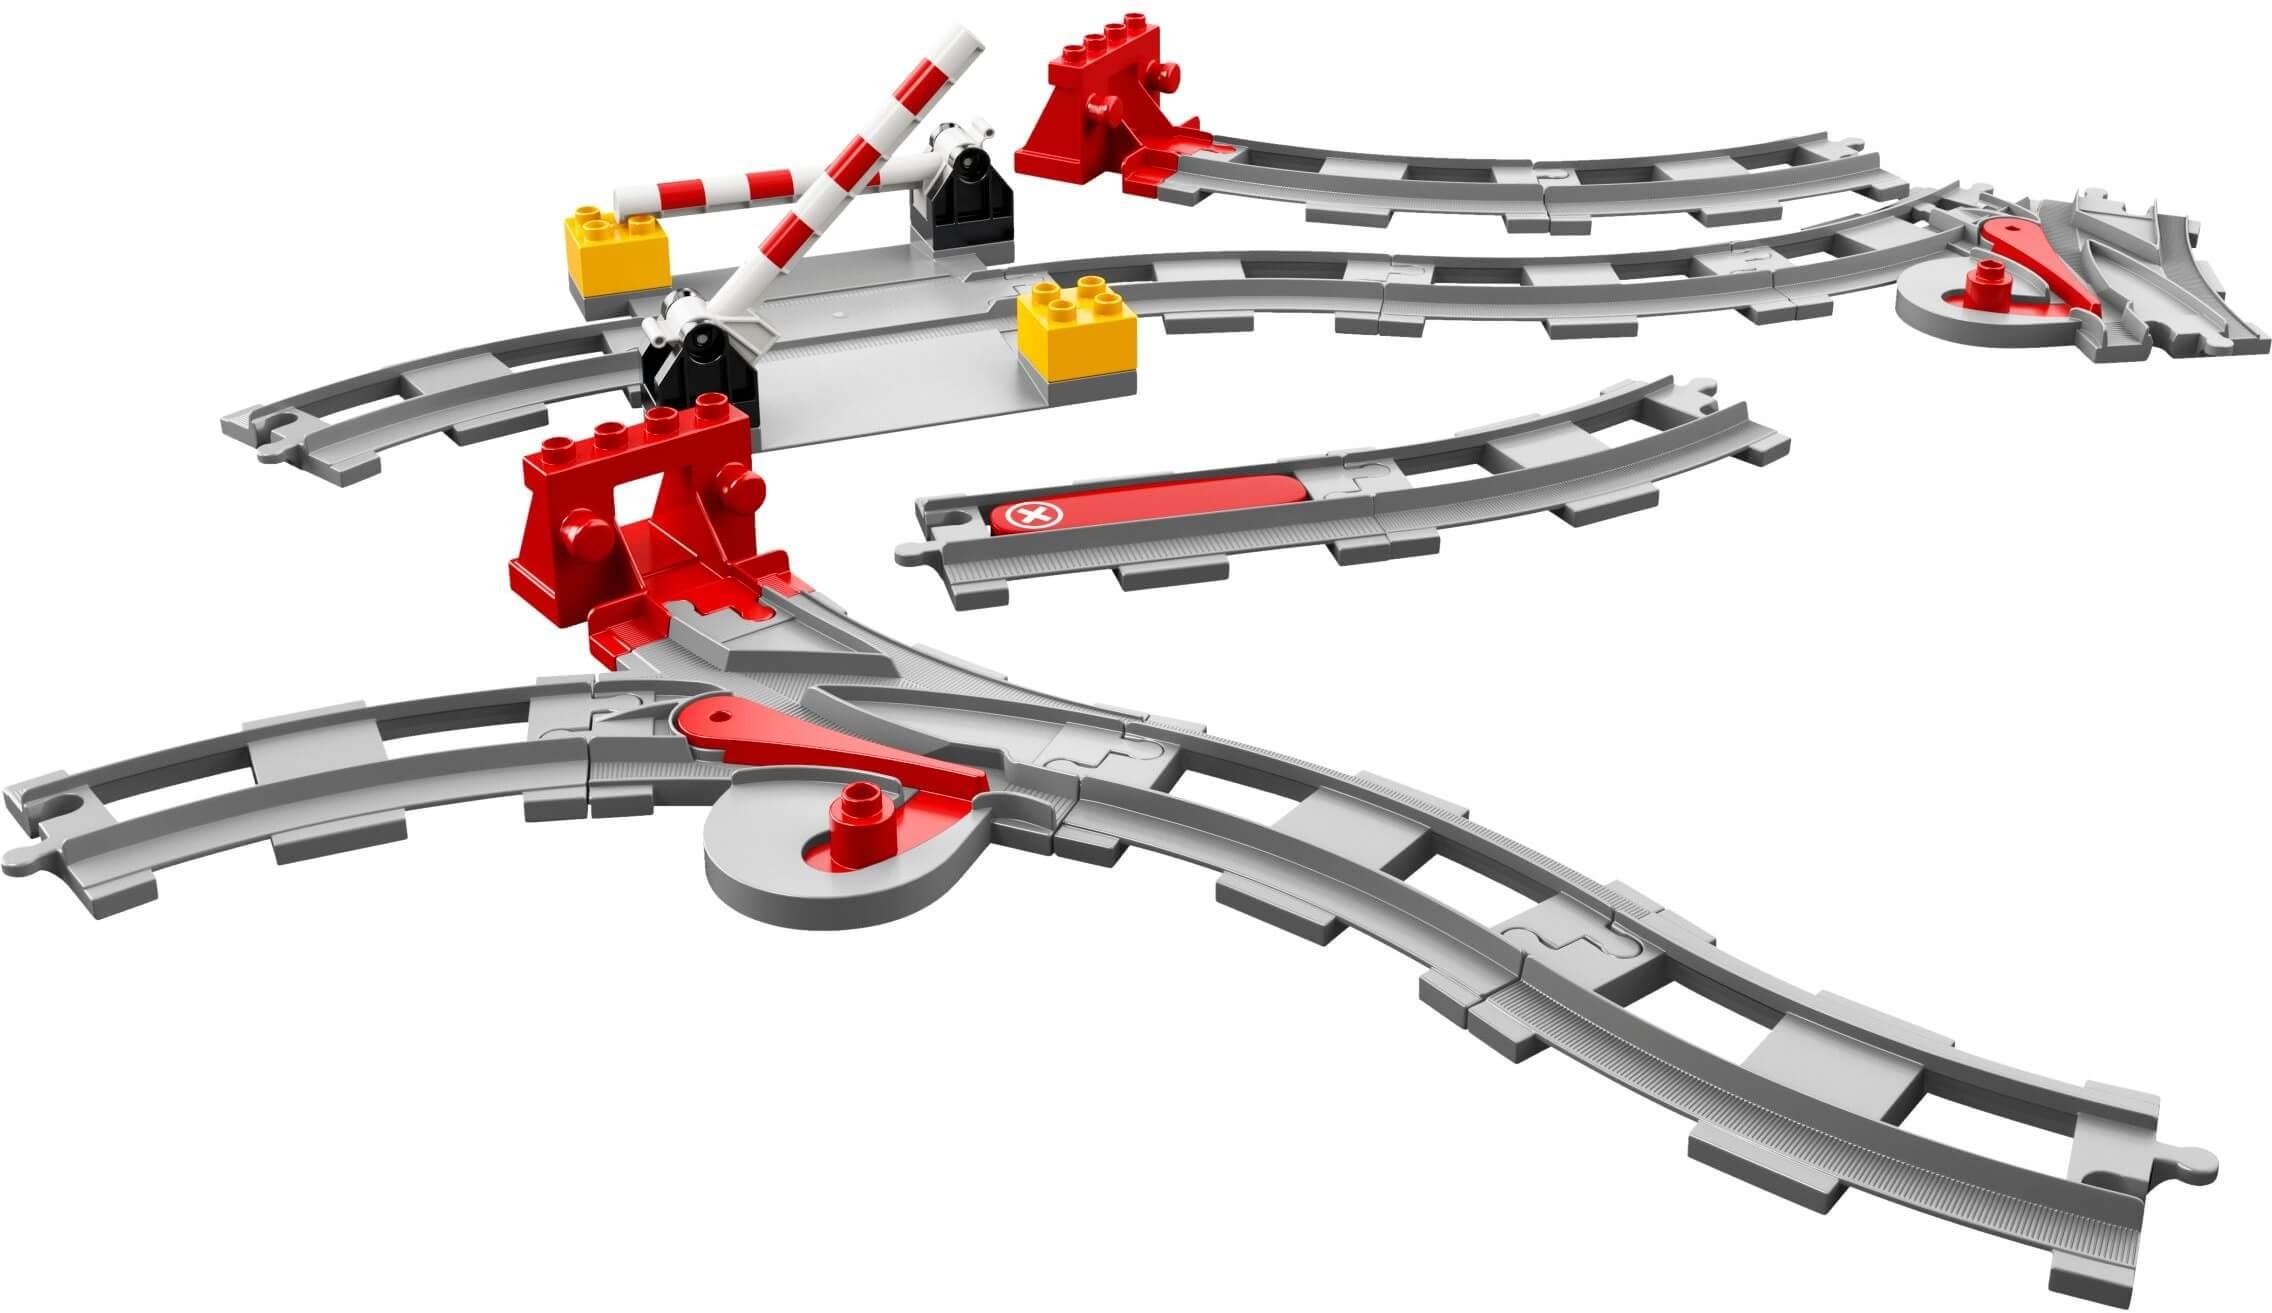 Mua đồ chơi LEGO 10882 - LEGO Duplo 10882 - Bộ Đường Ray Xe Lửa và thanh chắn (LEGO 10882 Train Tracks)